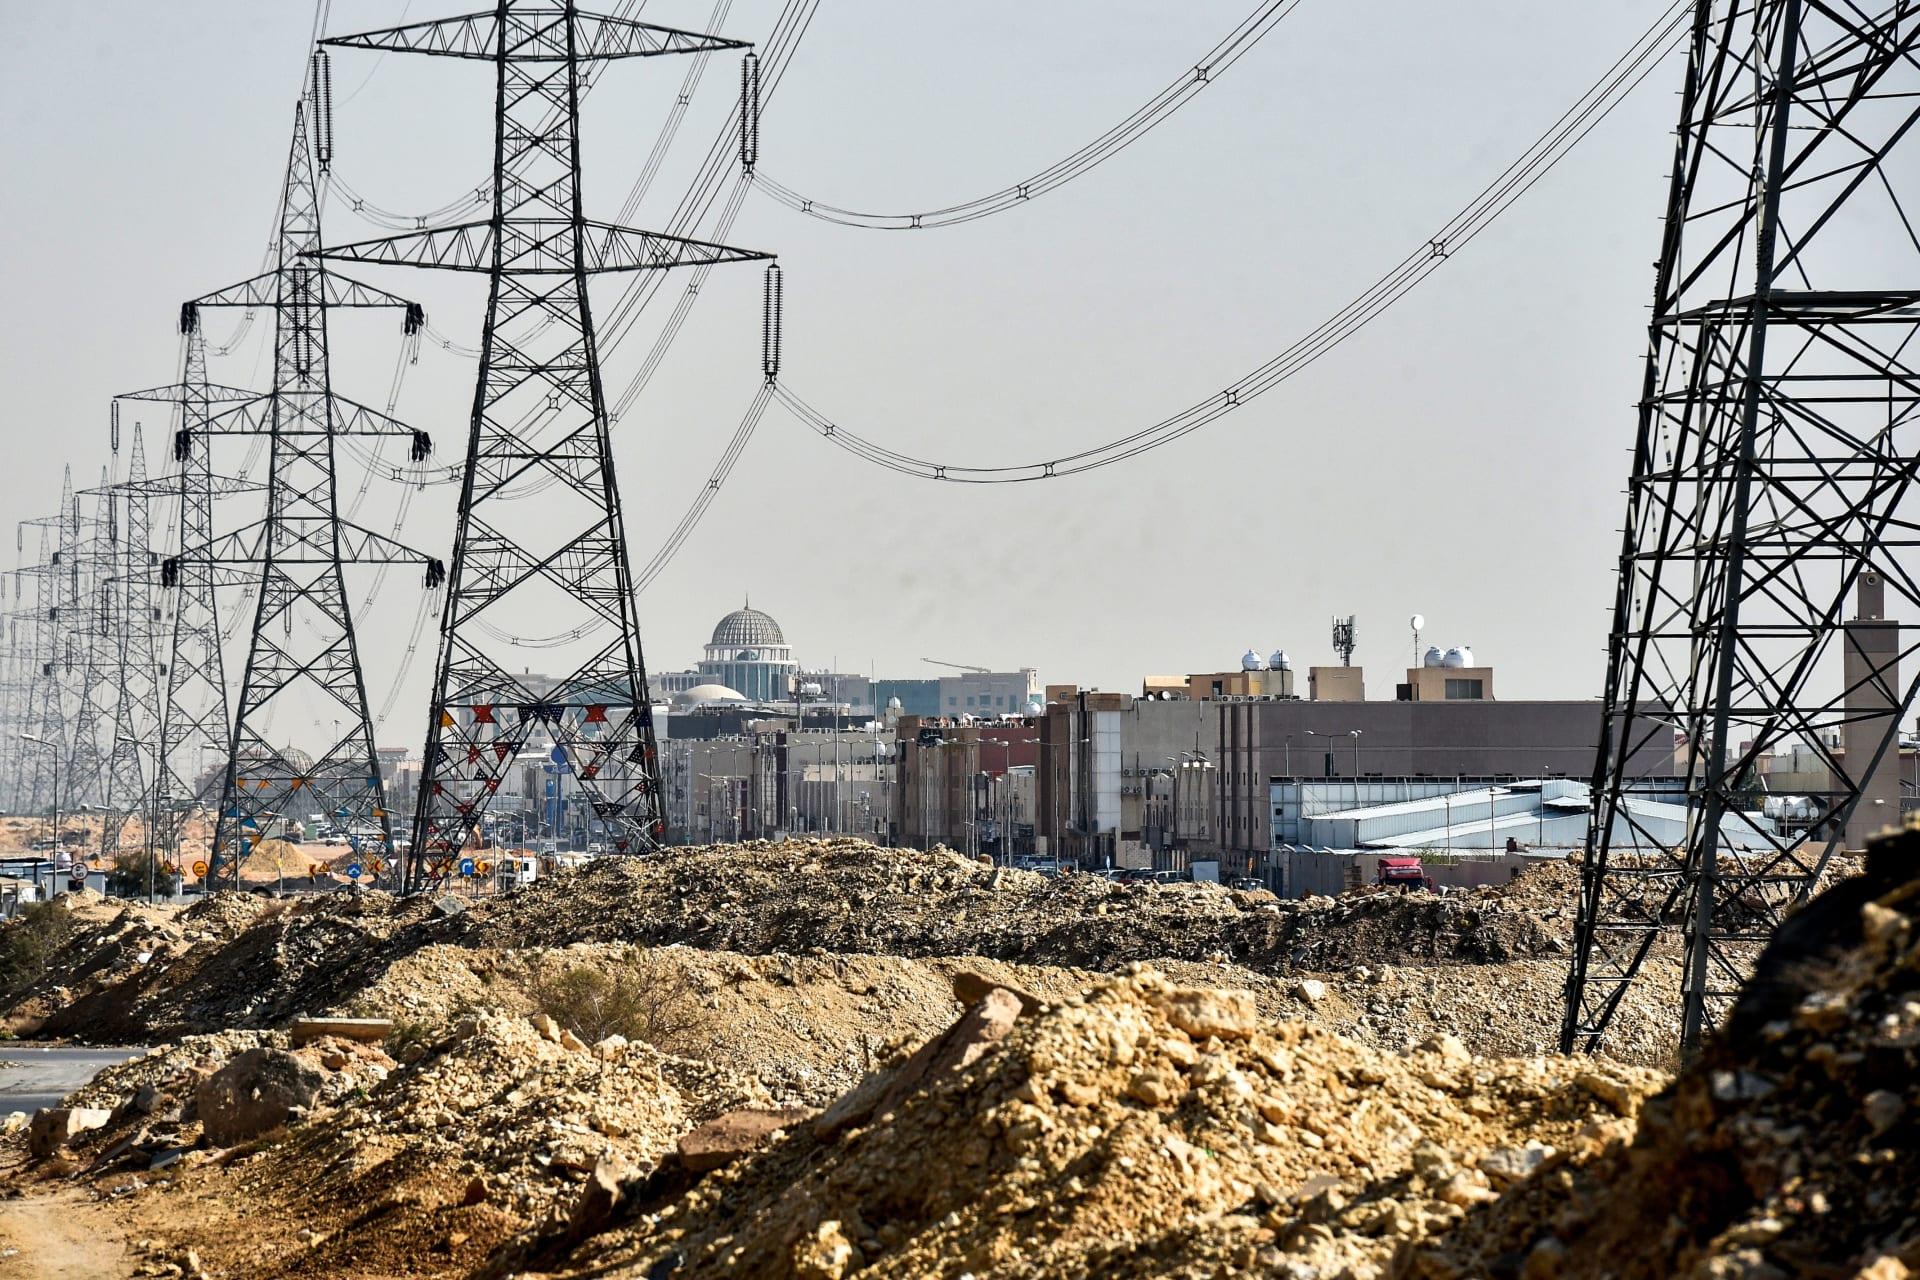 تُظهر هذه الصورة التي التقطت في 18 ديسمبر 2018 أبراج نقل الكهرباء في العاصمة السعودية الرياض